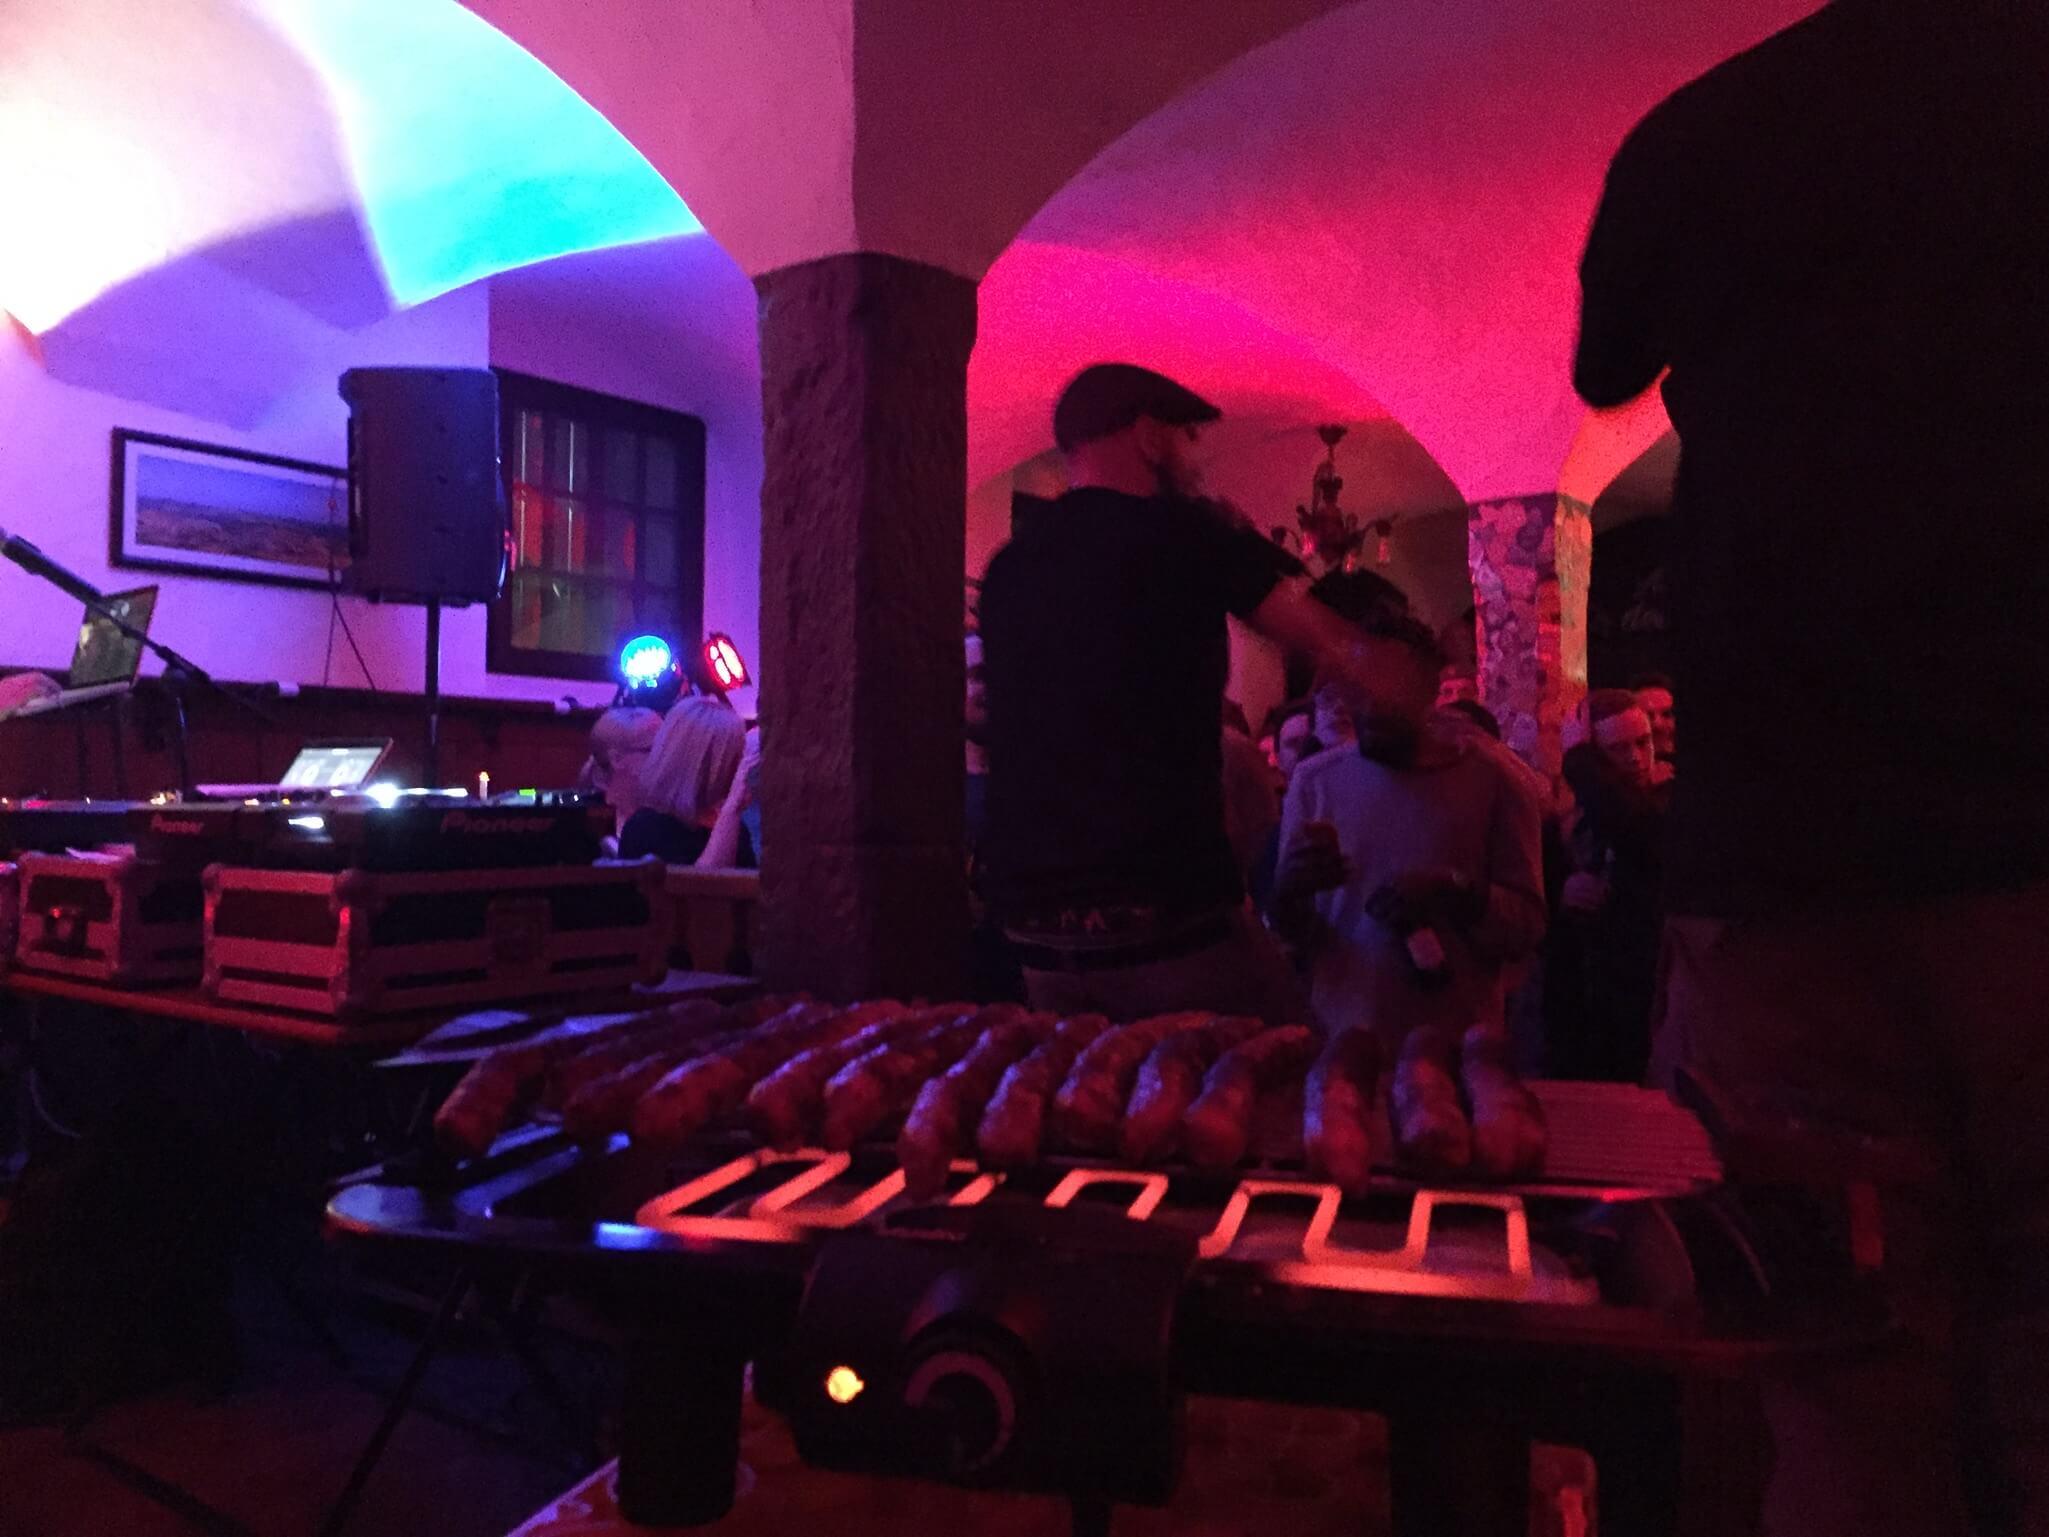 Heinz Null und die Wörschd. Company Slow. Frankenburger. Live Hip Hop. Bratwurst Rap. Coburg.